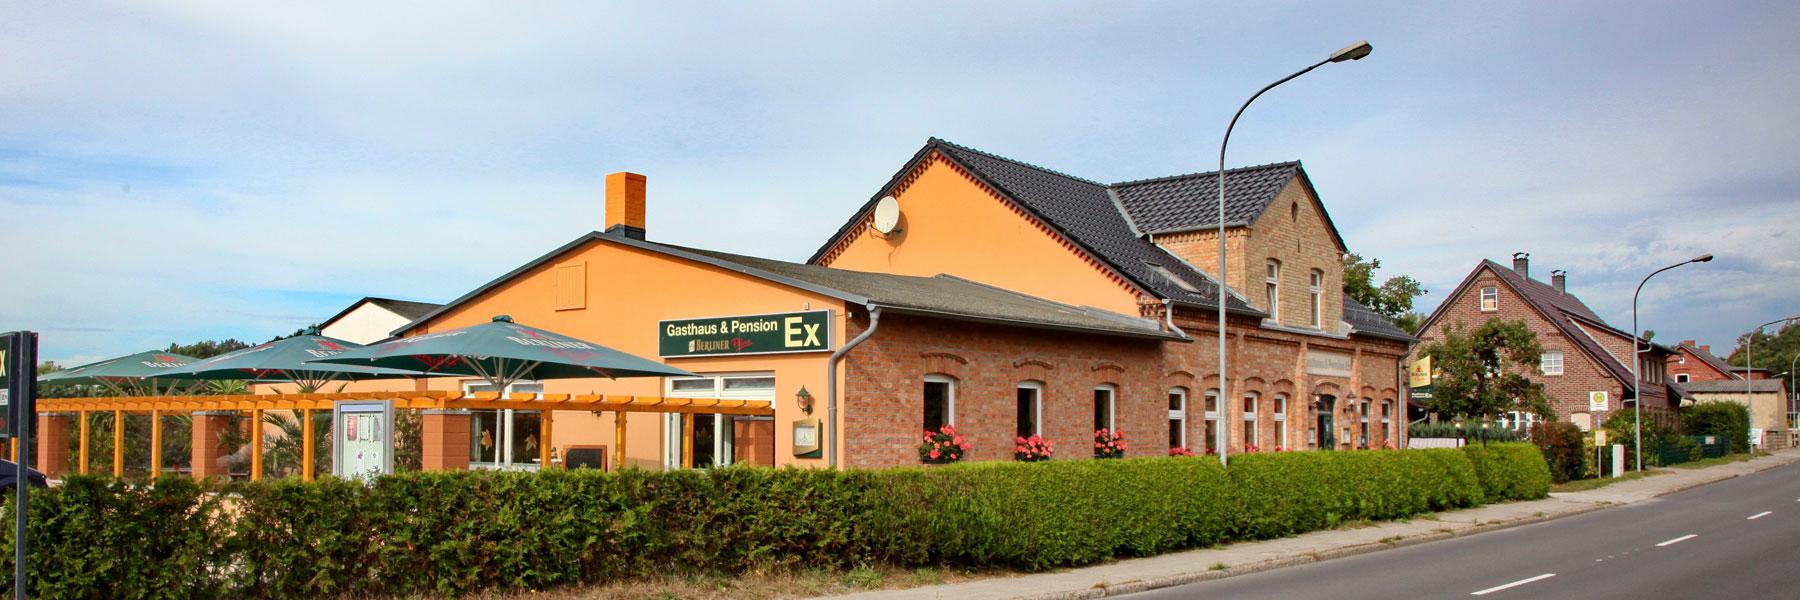 """Außenansicht - Gasthaus und Pension """"Ex"""""""